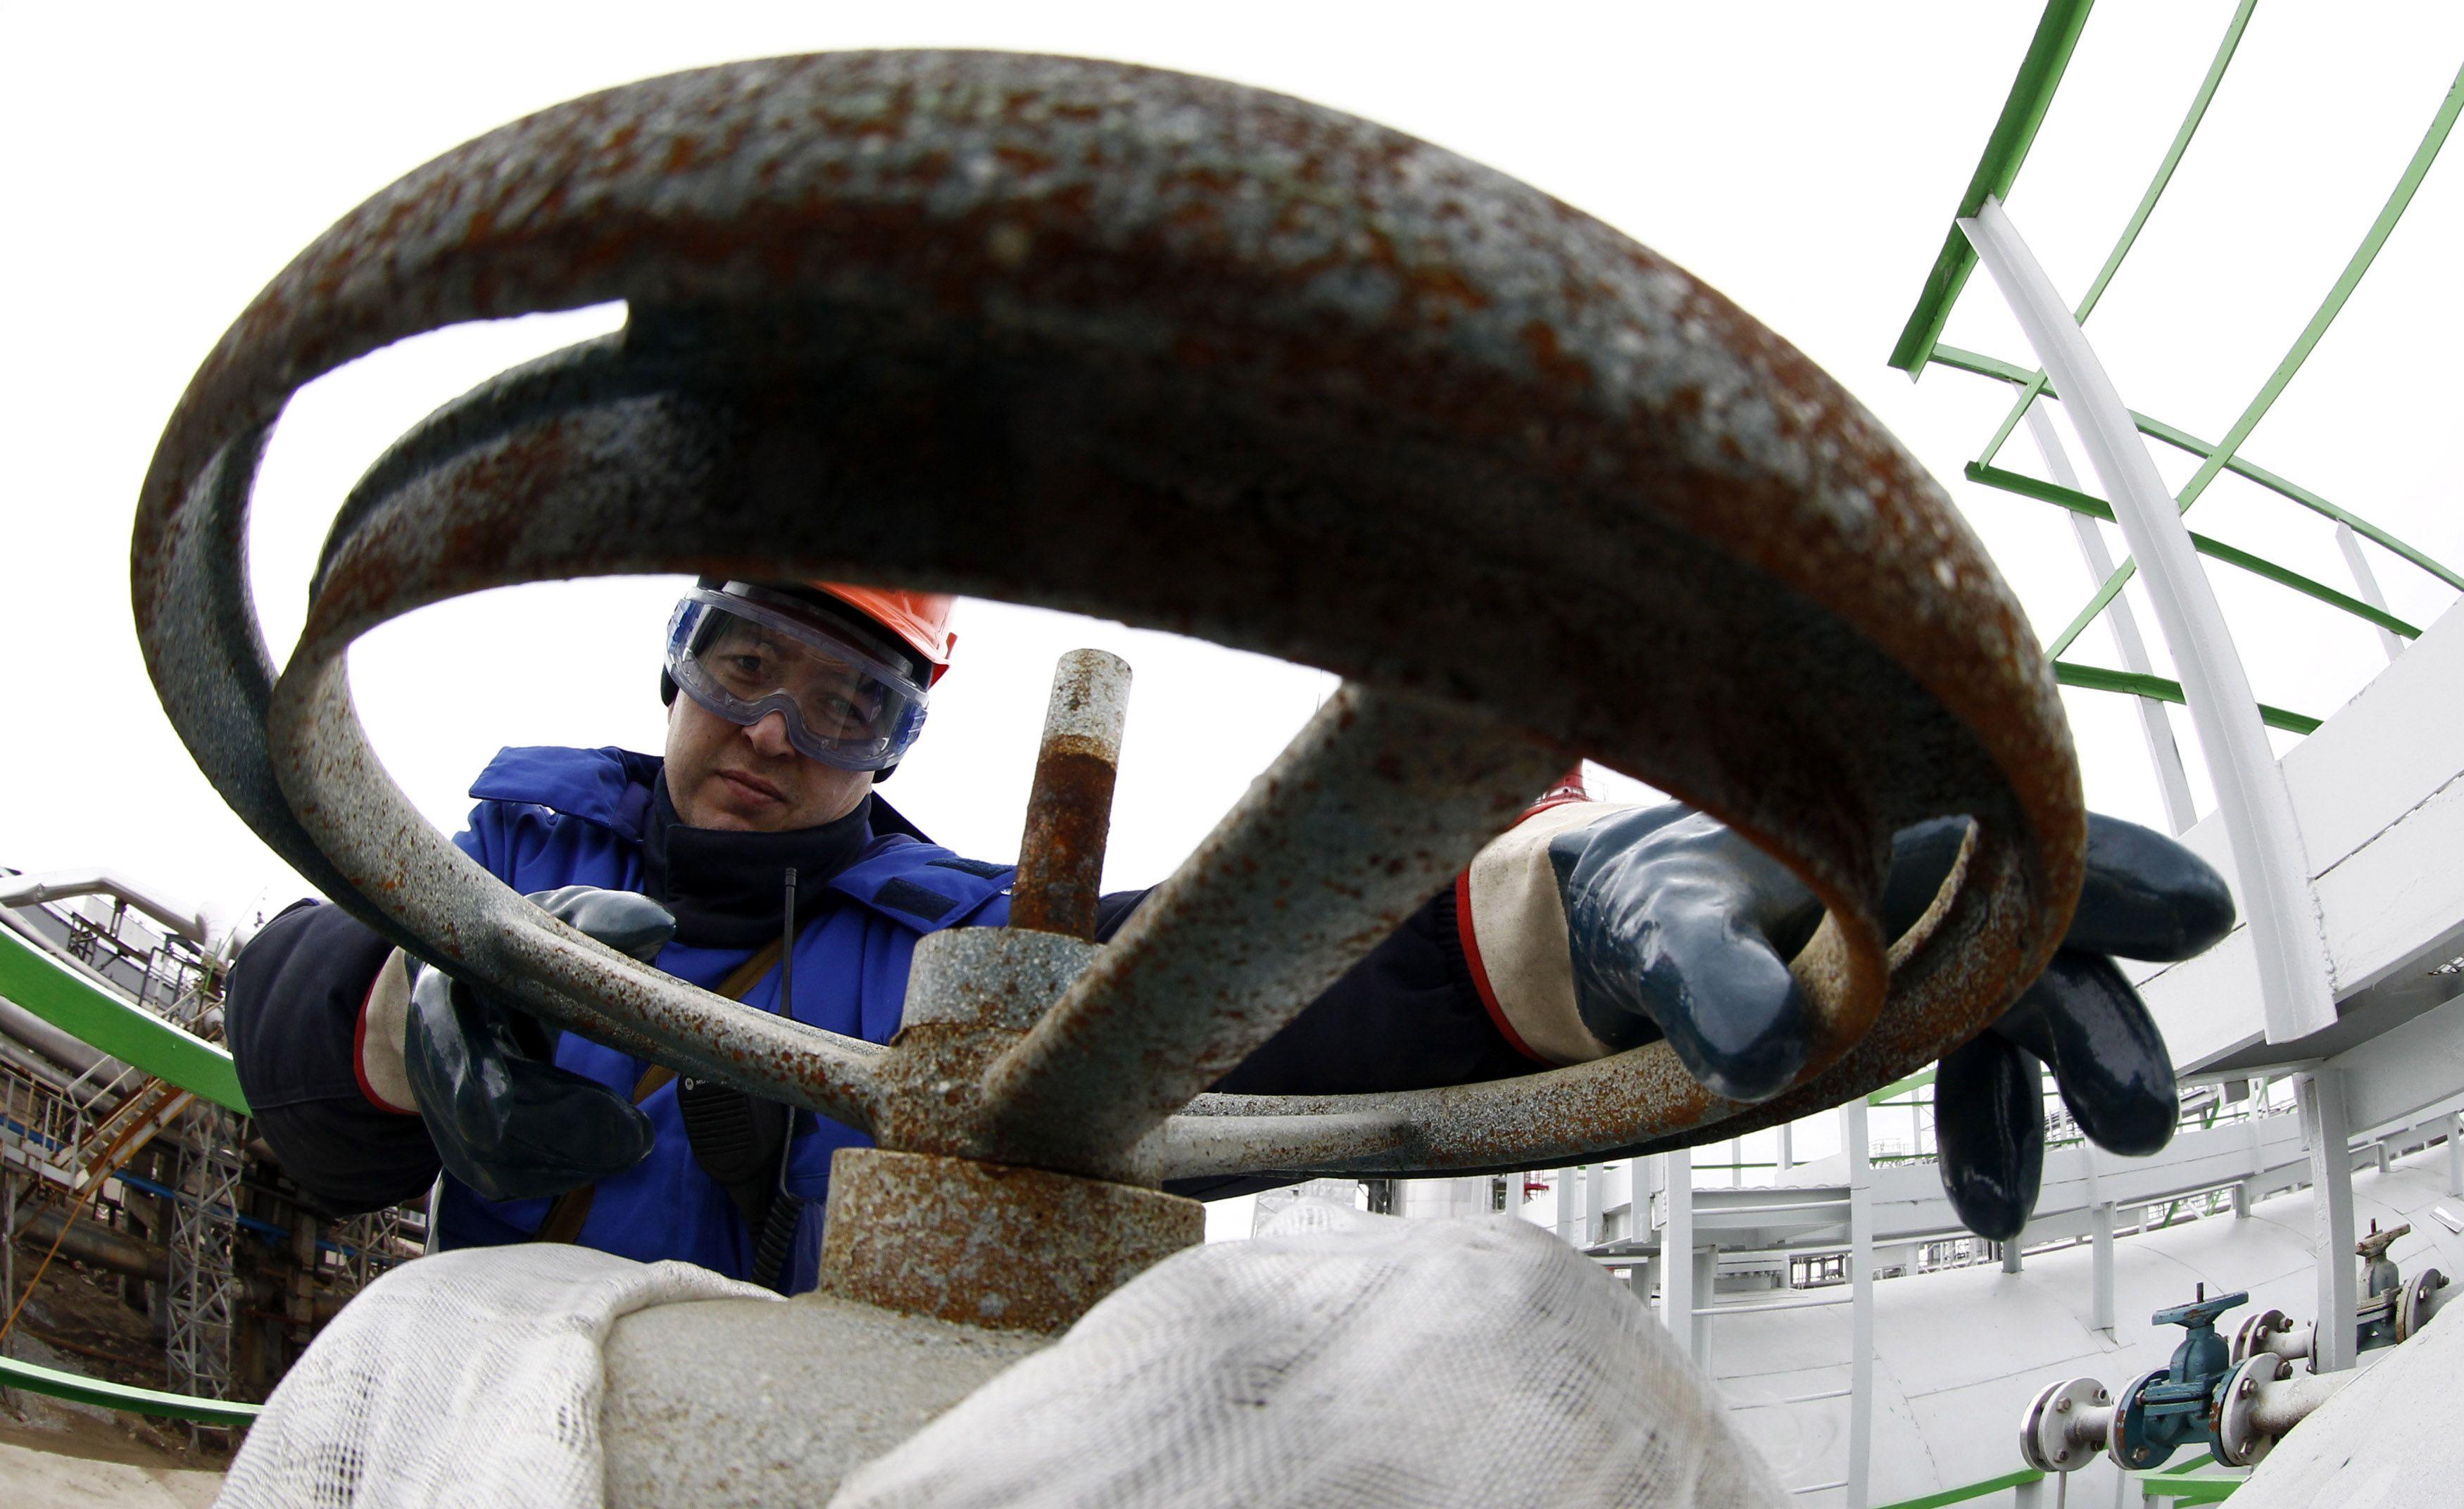 Rusija naftos išgauna daugiau nei Saudo Arabija